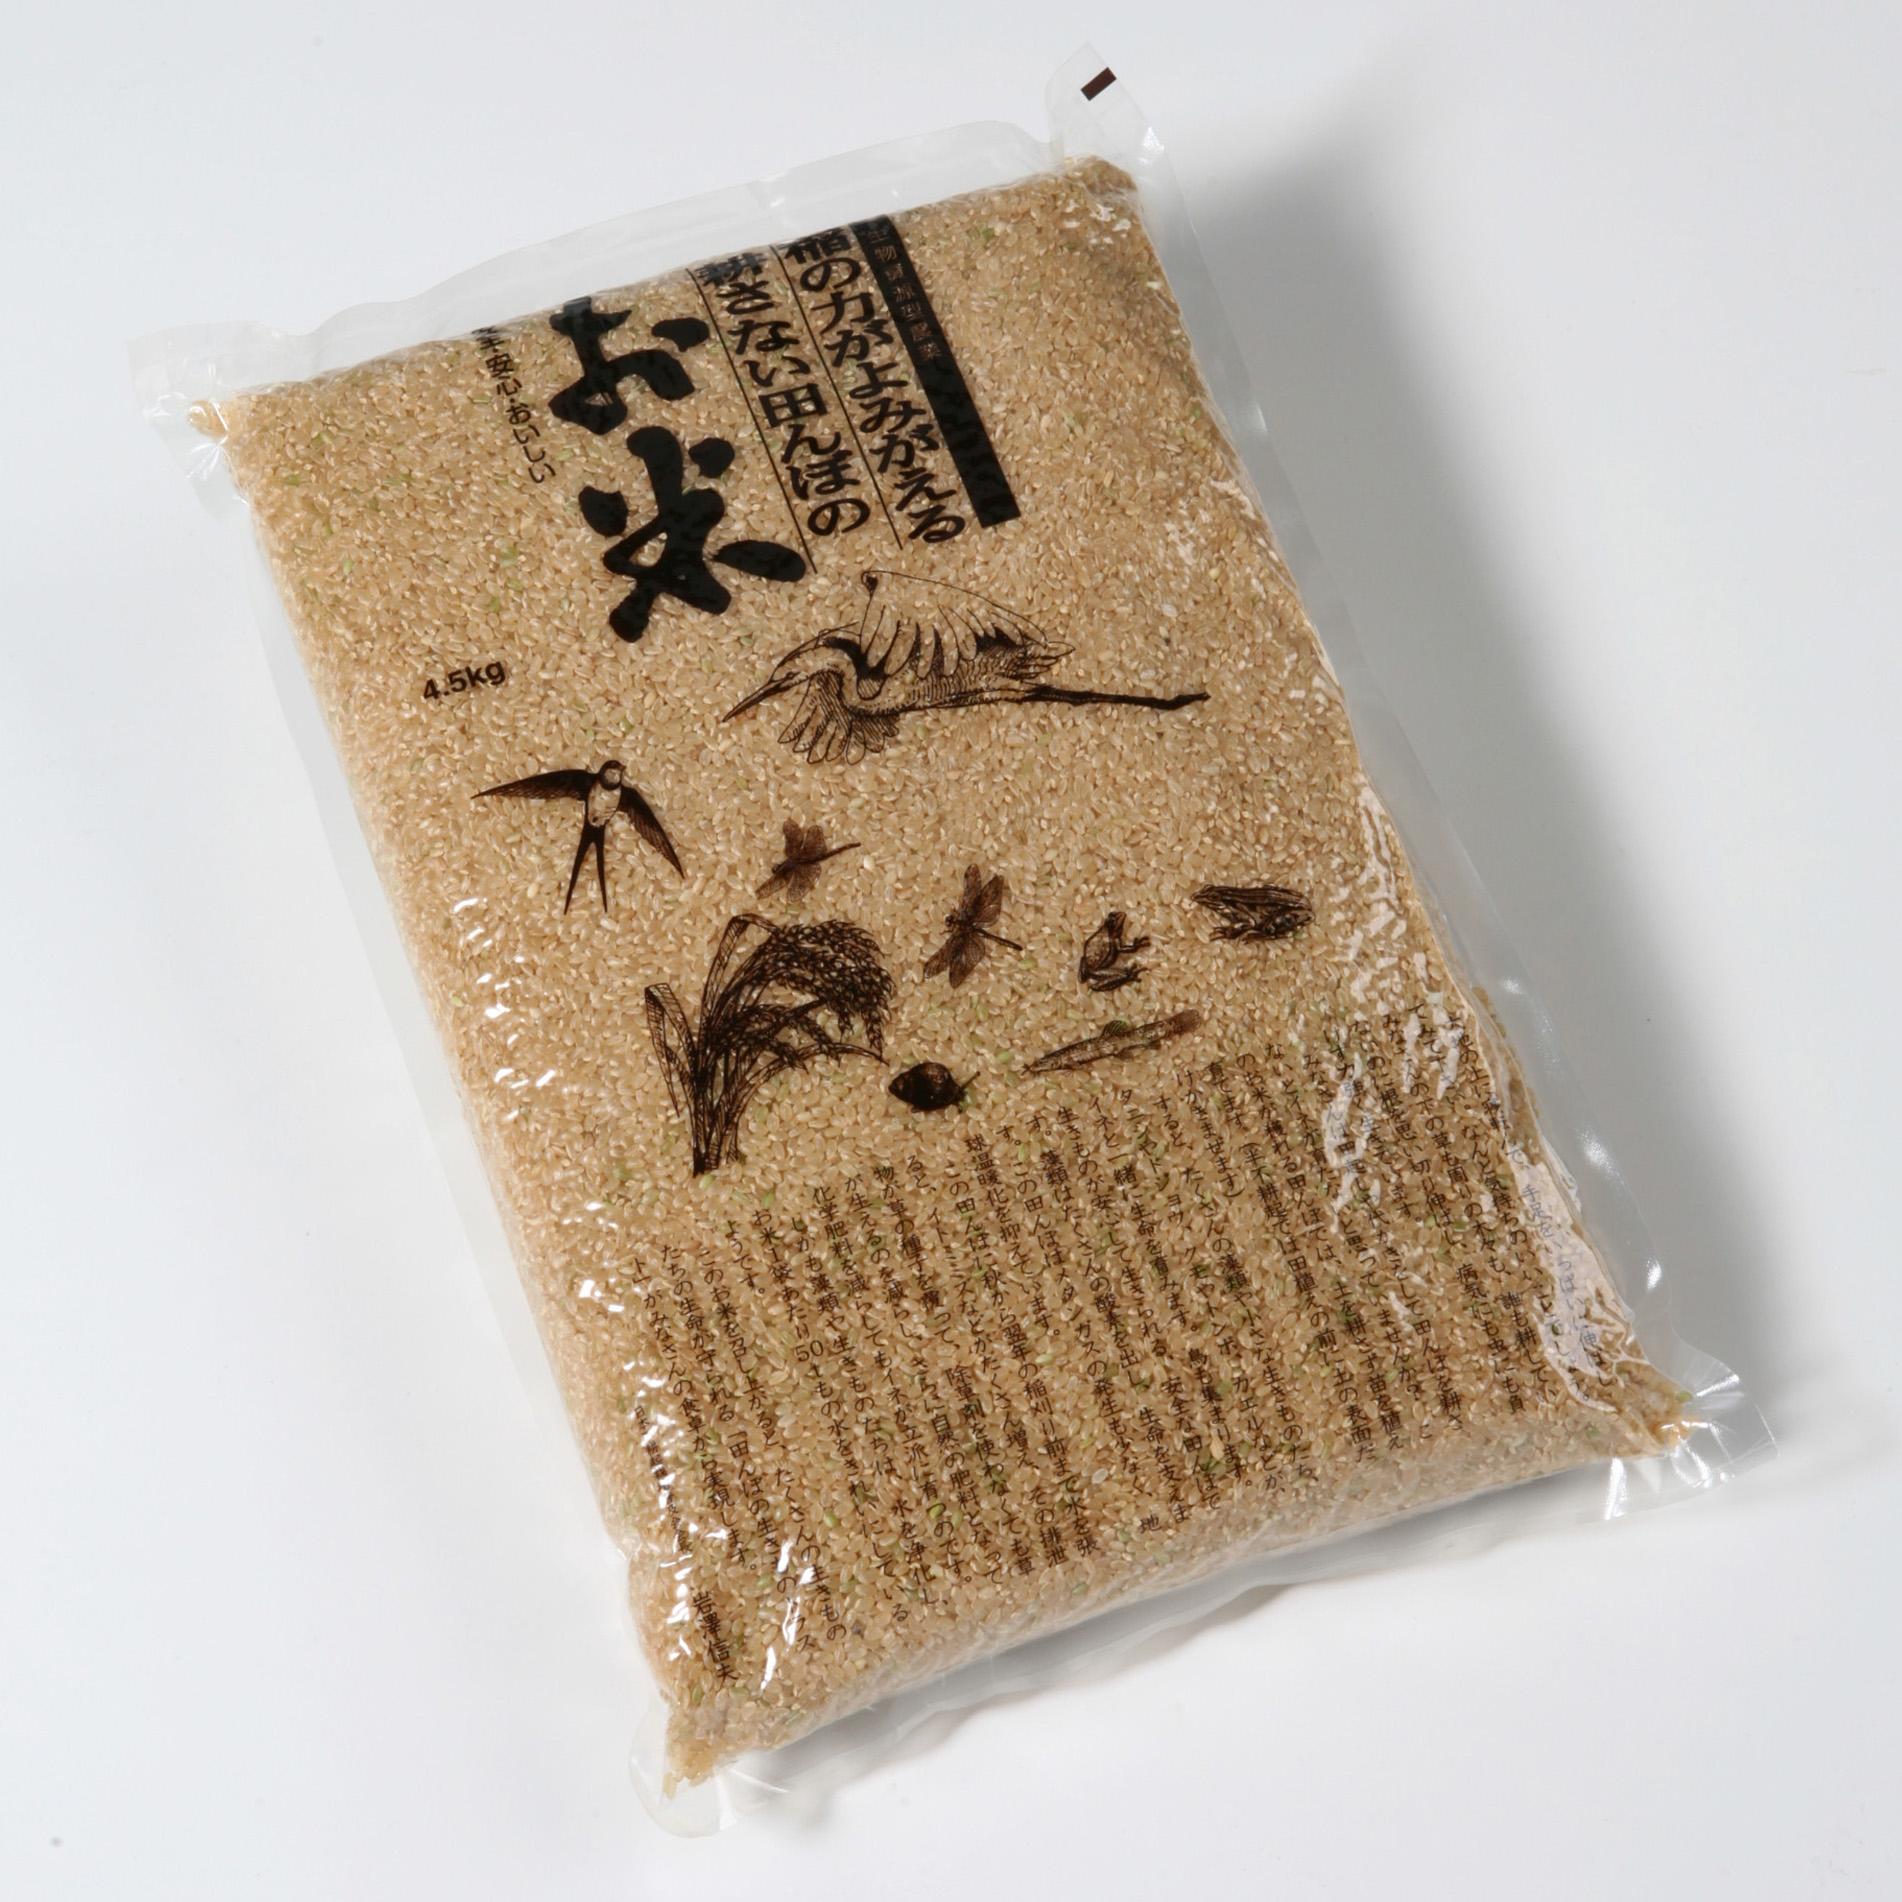 自然食品img